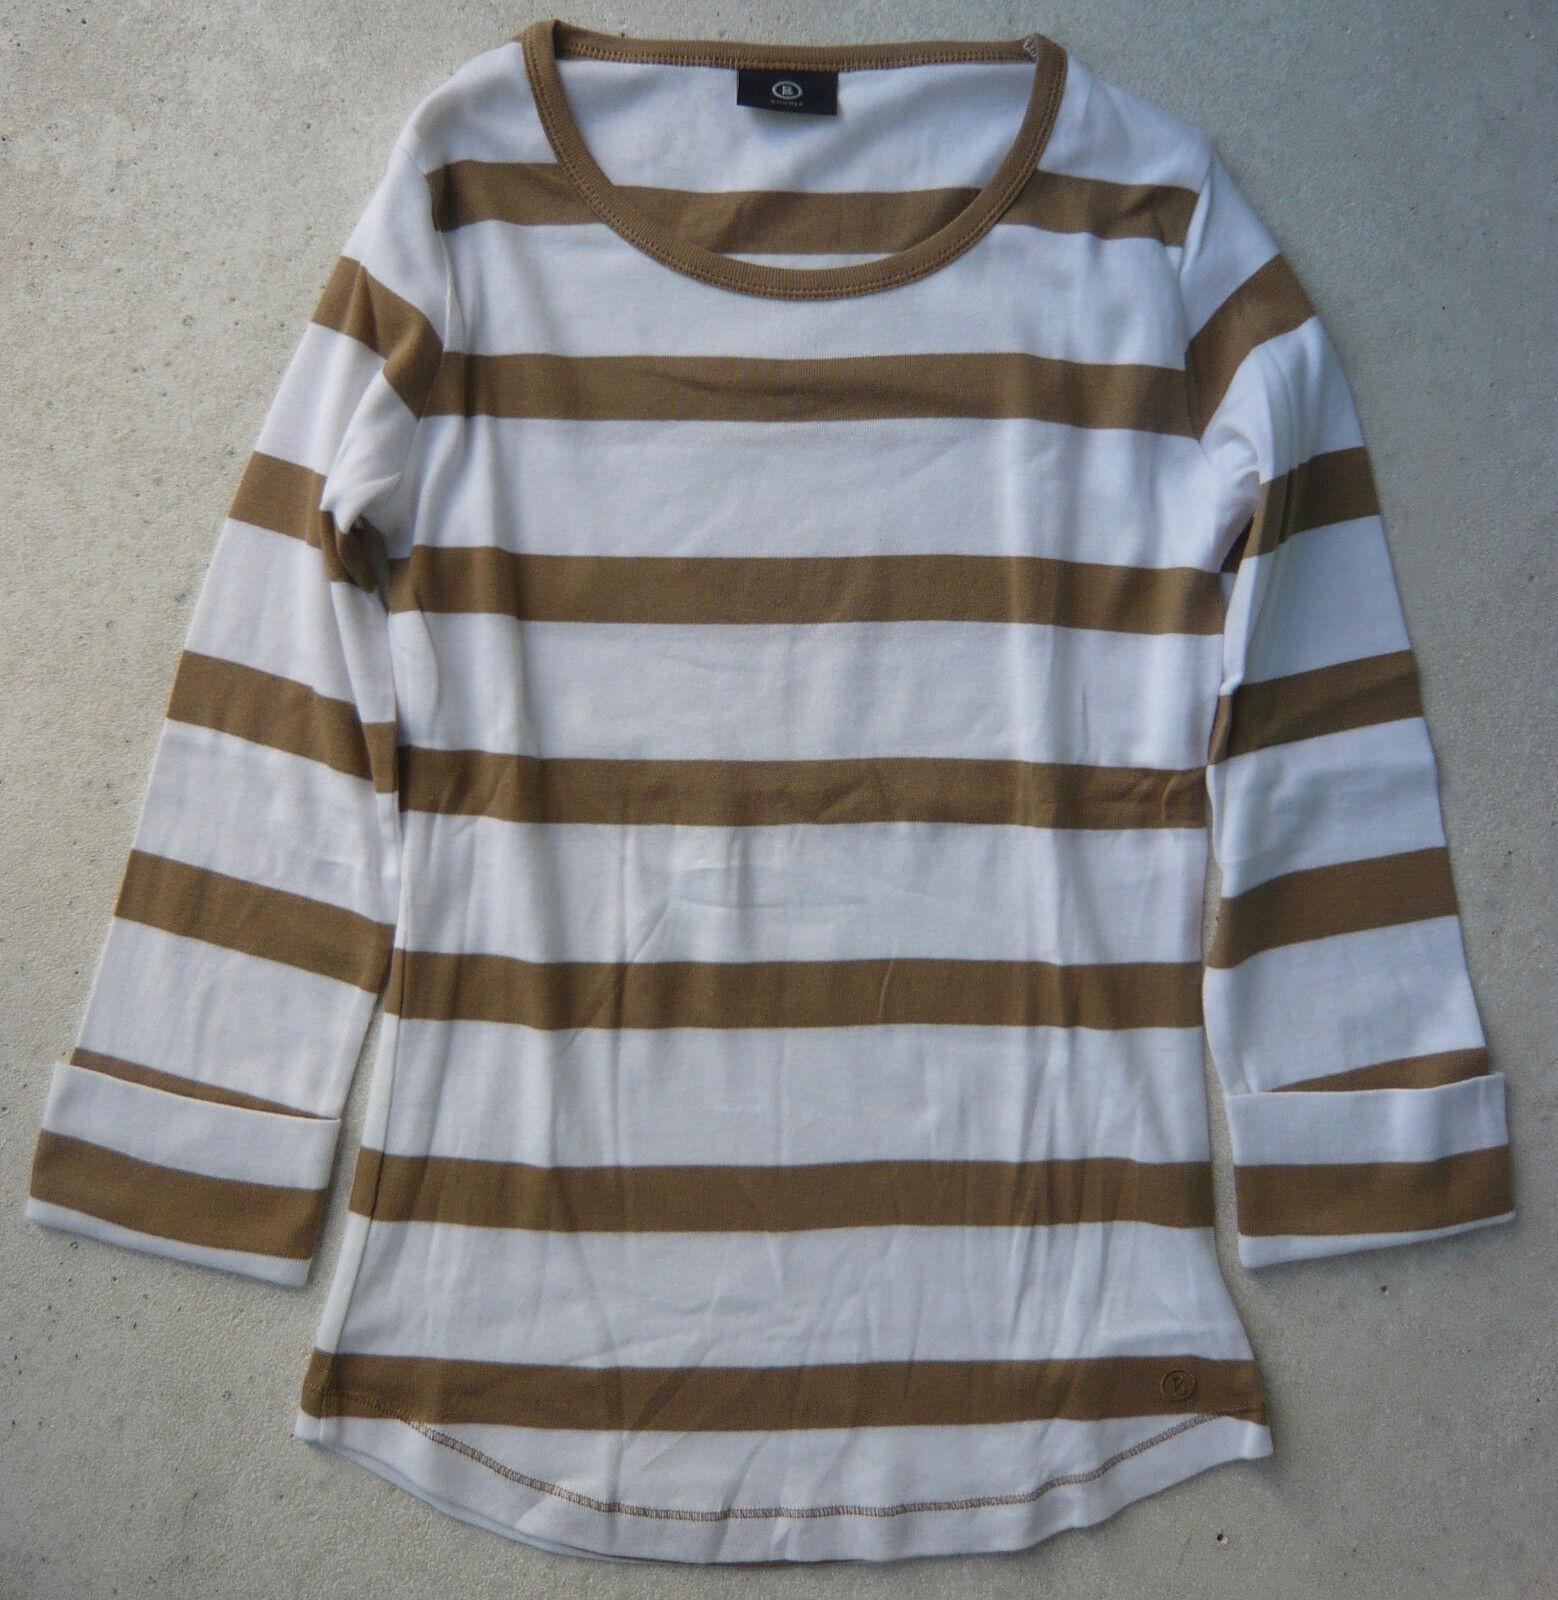 3b31e65c59ec4a Bogner Bogner Bogner T-Shirt 3 4arm Gr. 38 Baumwolle weiss camel gestreift  Rundhals Damen | Zahlreiche In Vielfalt | Perfekte Verarbeitung 2c6a10